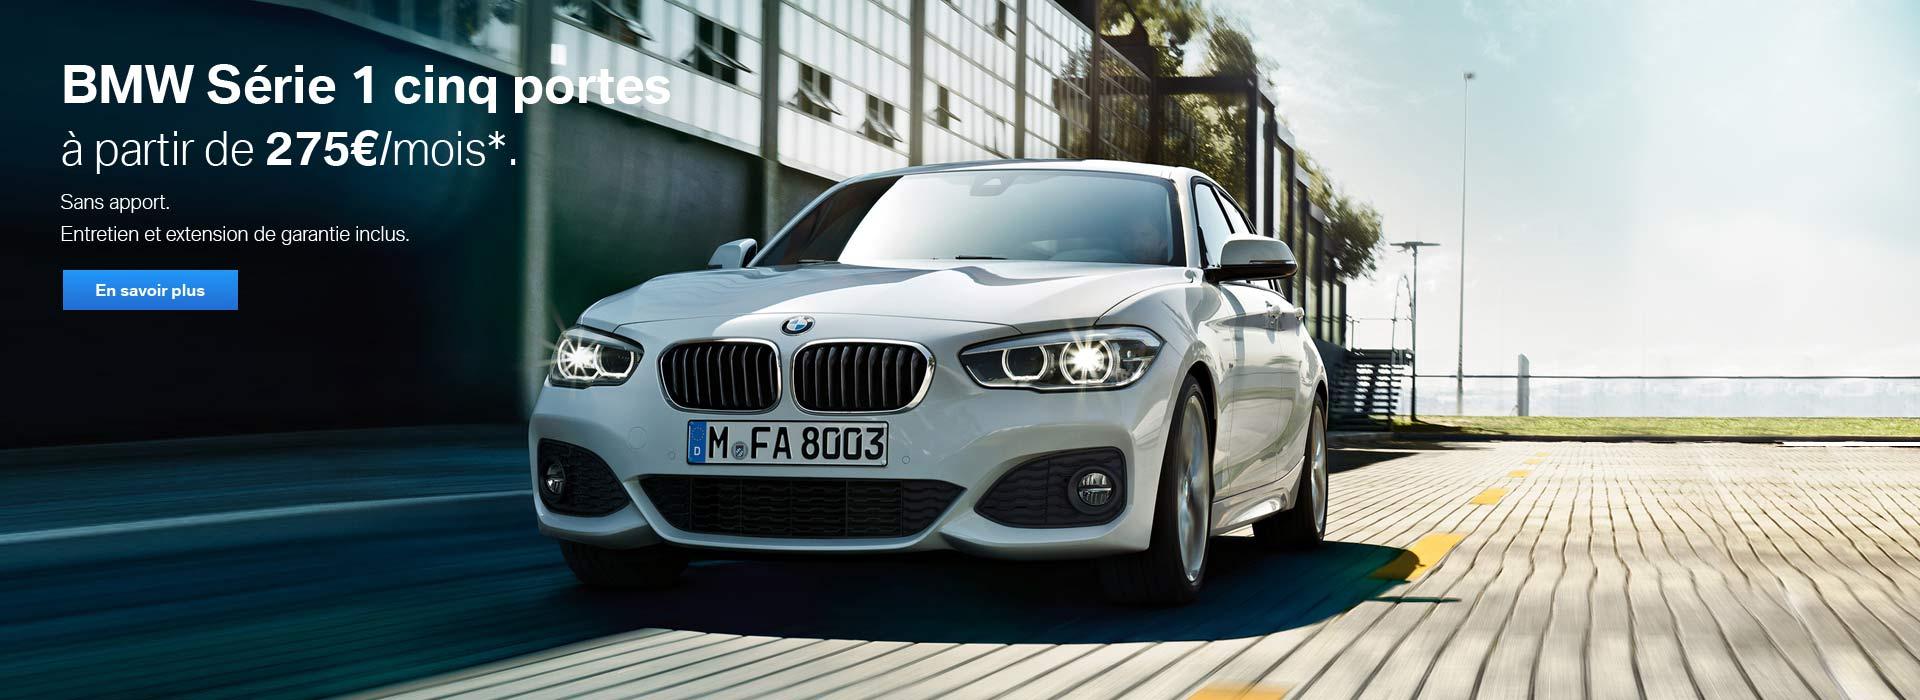 BMW SERIE 1 CINQ PORTES